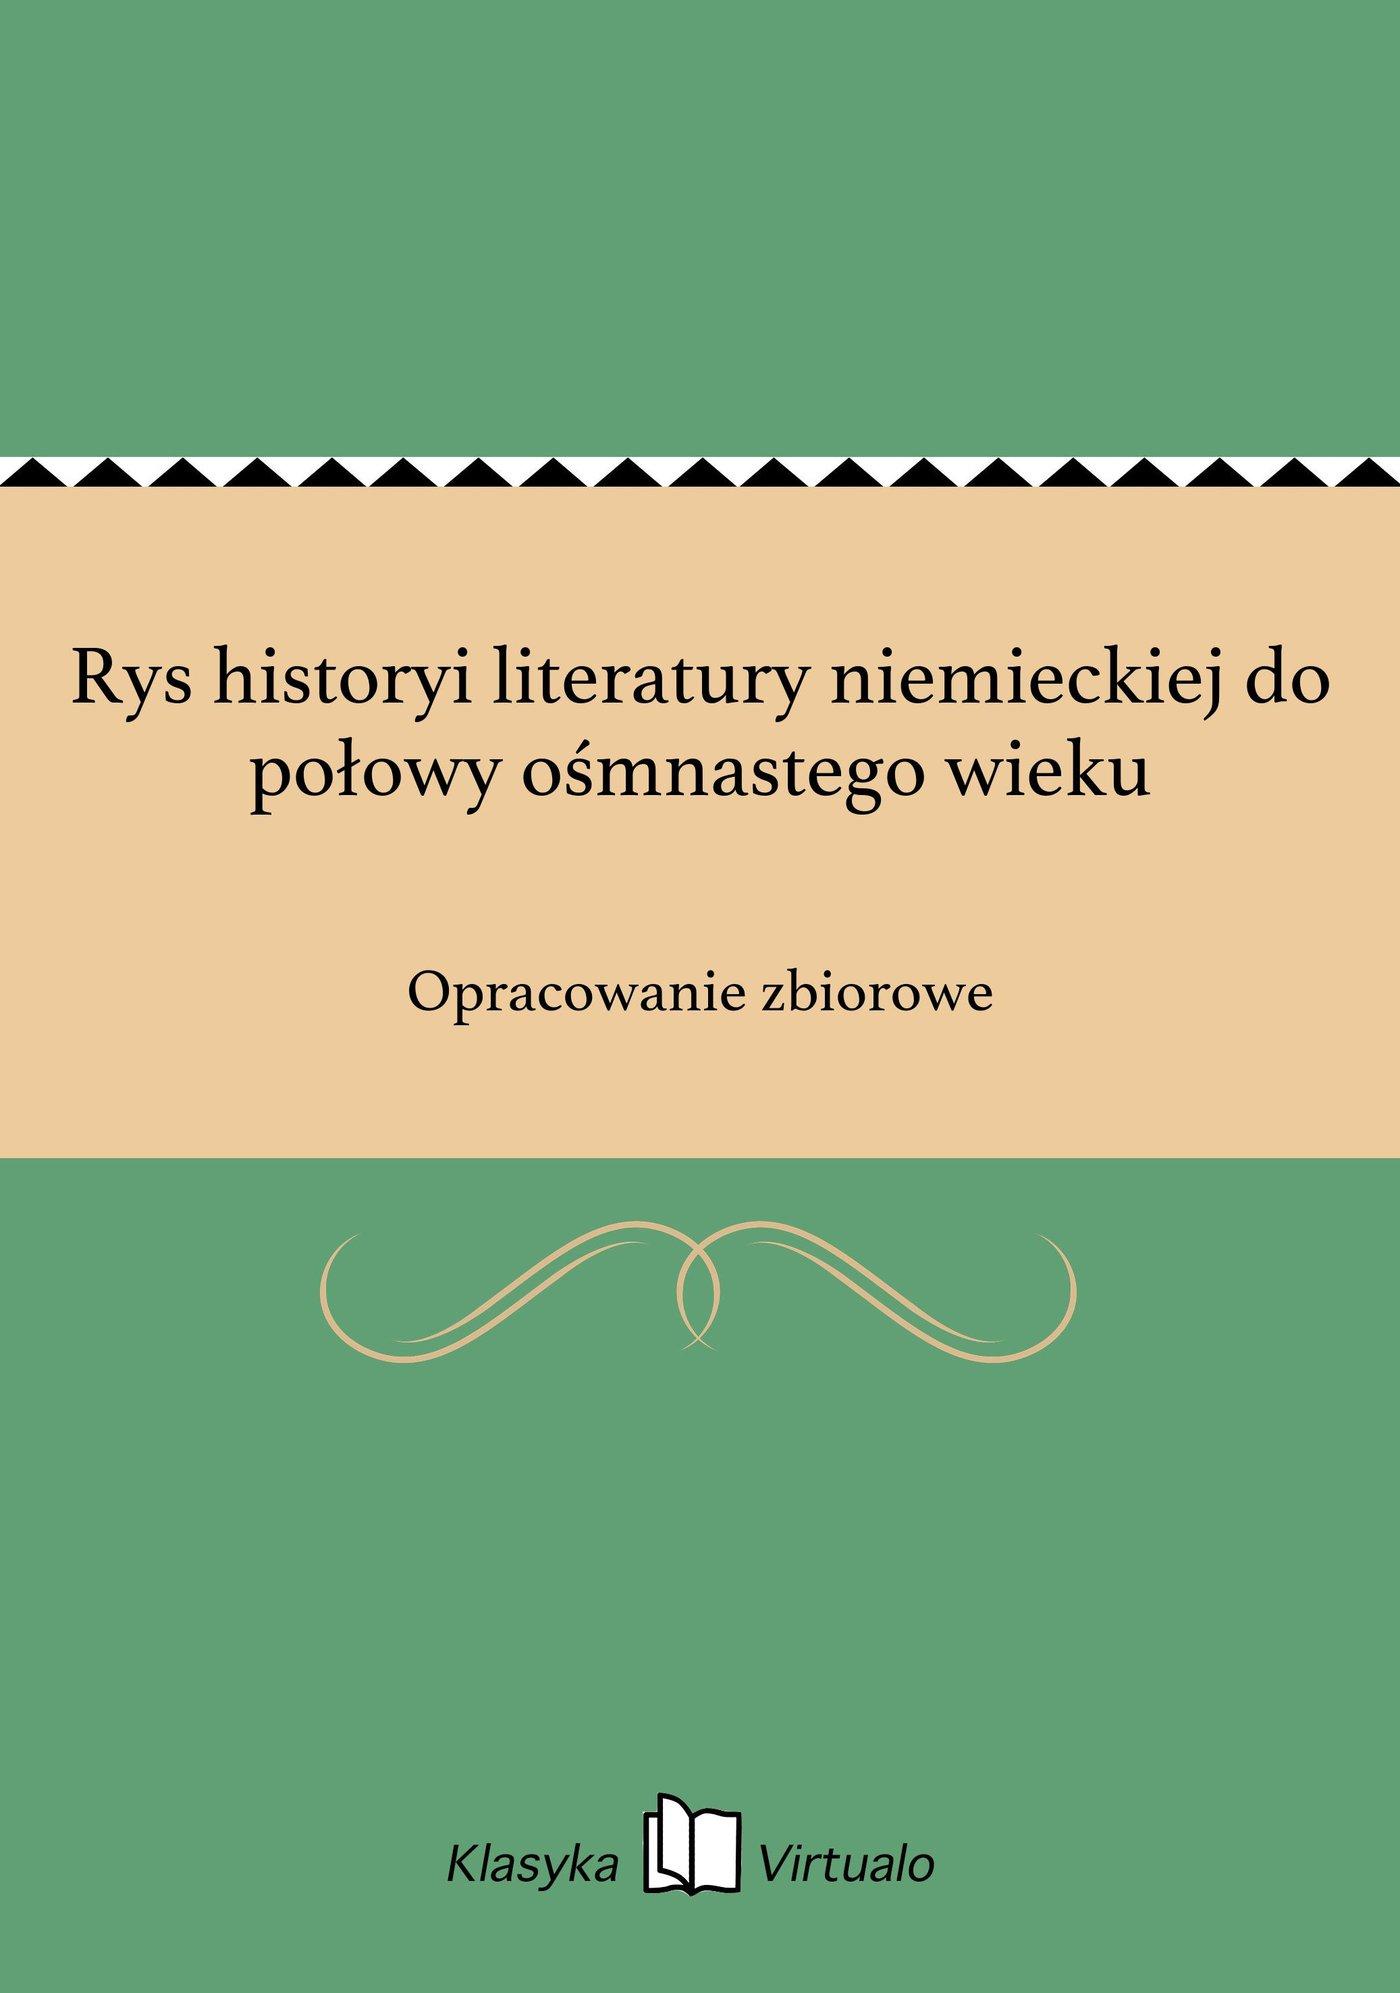 Rys historyi literatury niemieckiej do połowy ośmnastego wieku - Ebook (Książka EPUB) do pobrania w formacie EPUB